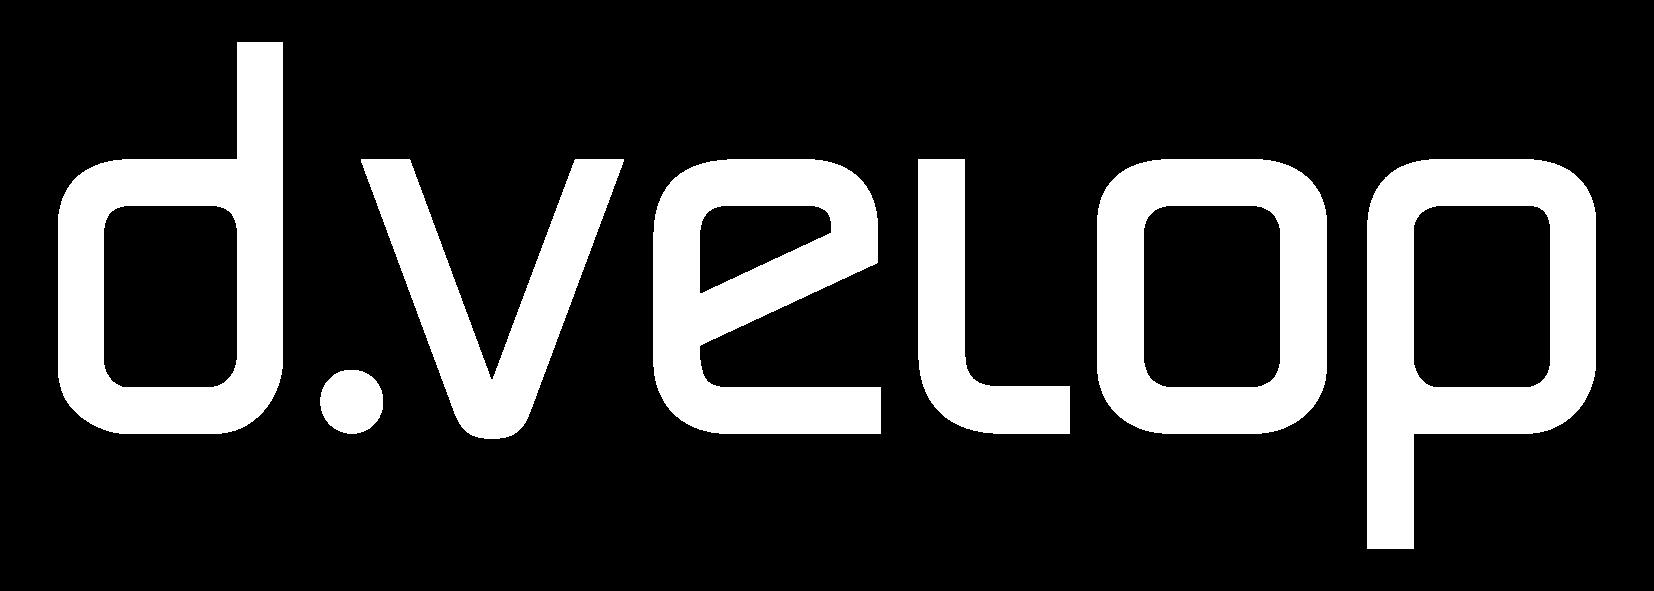 dve_logo_white.png